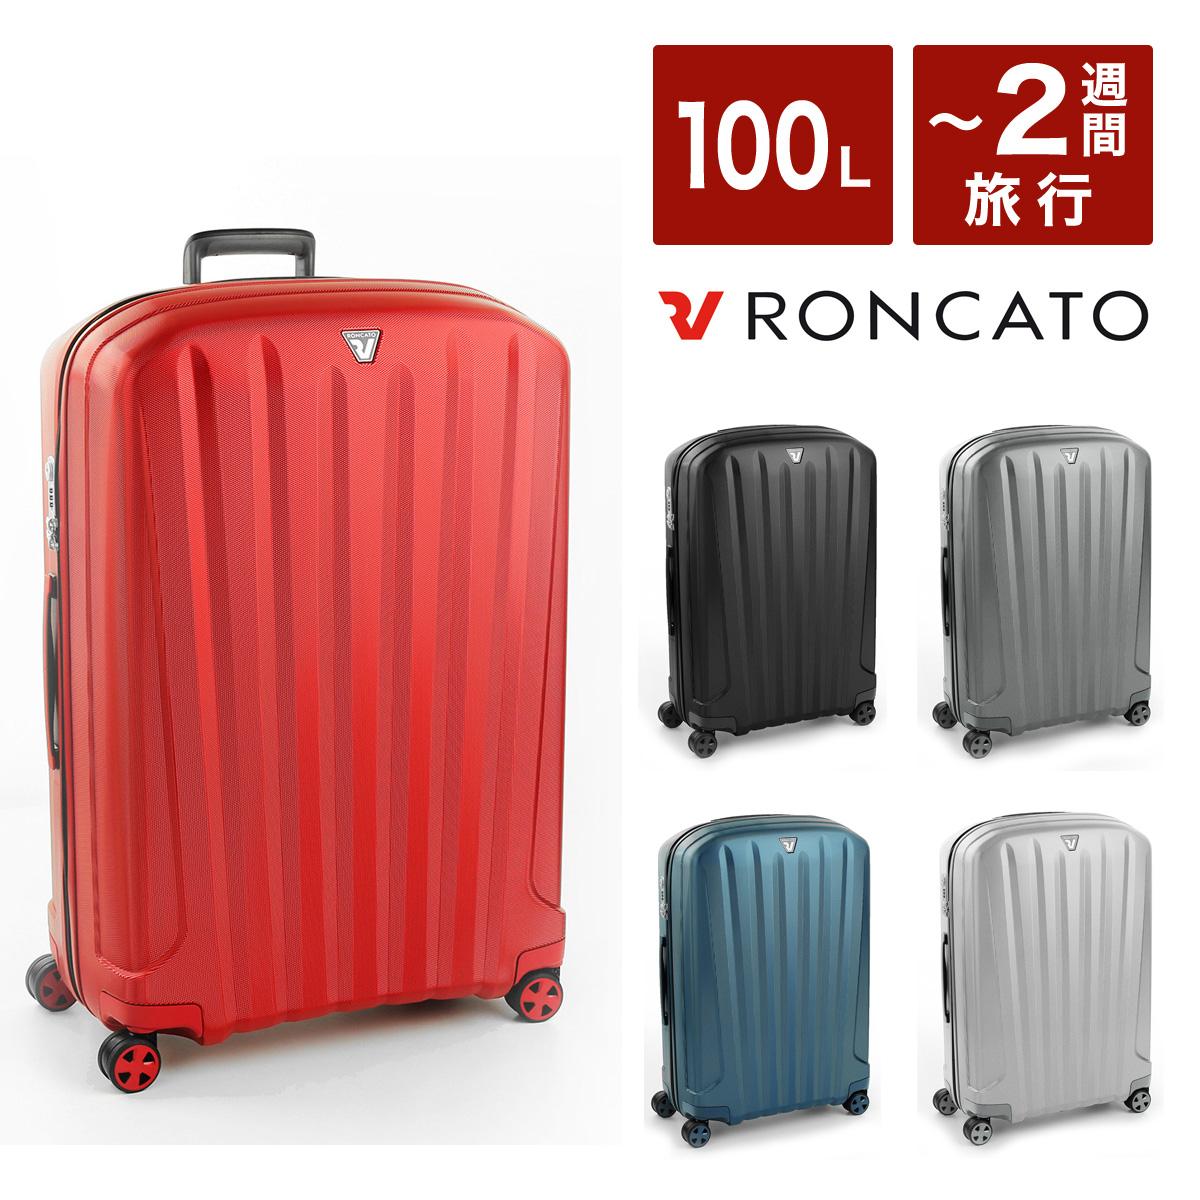 ロンカート スーツケース イタリア製 UNICA 5611 74cm RONCATO ユニカ ハード キャリーケース 軽量 TSAロック搭載 10年保証[PO10][bef]